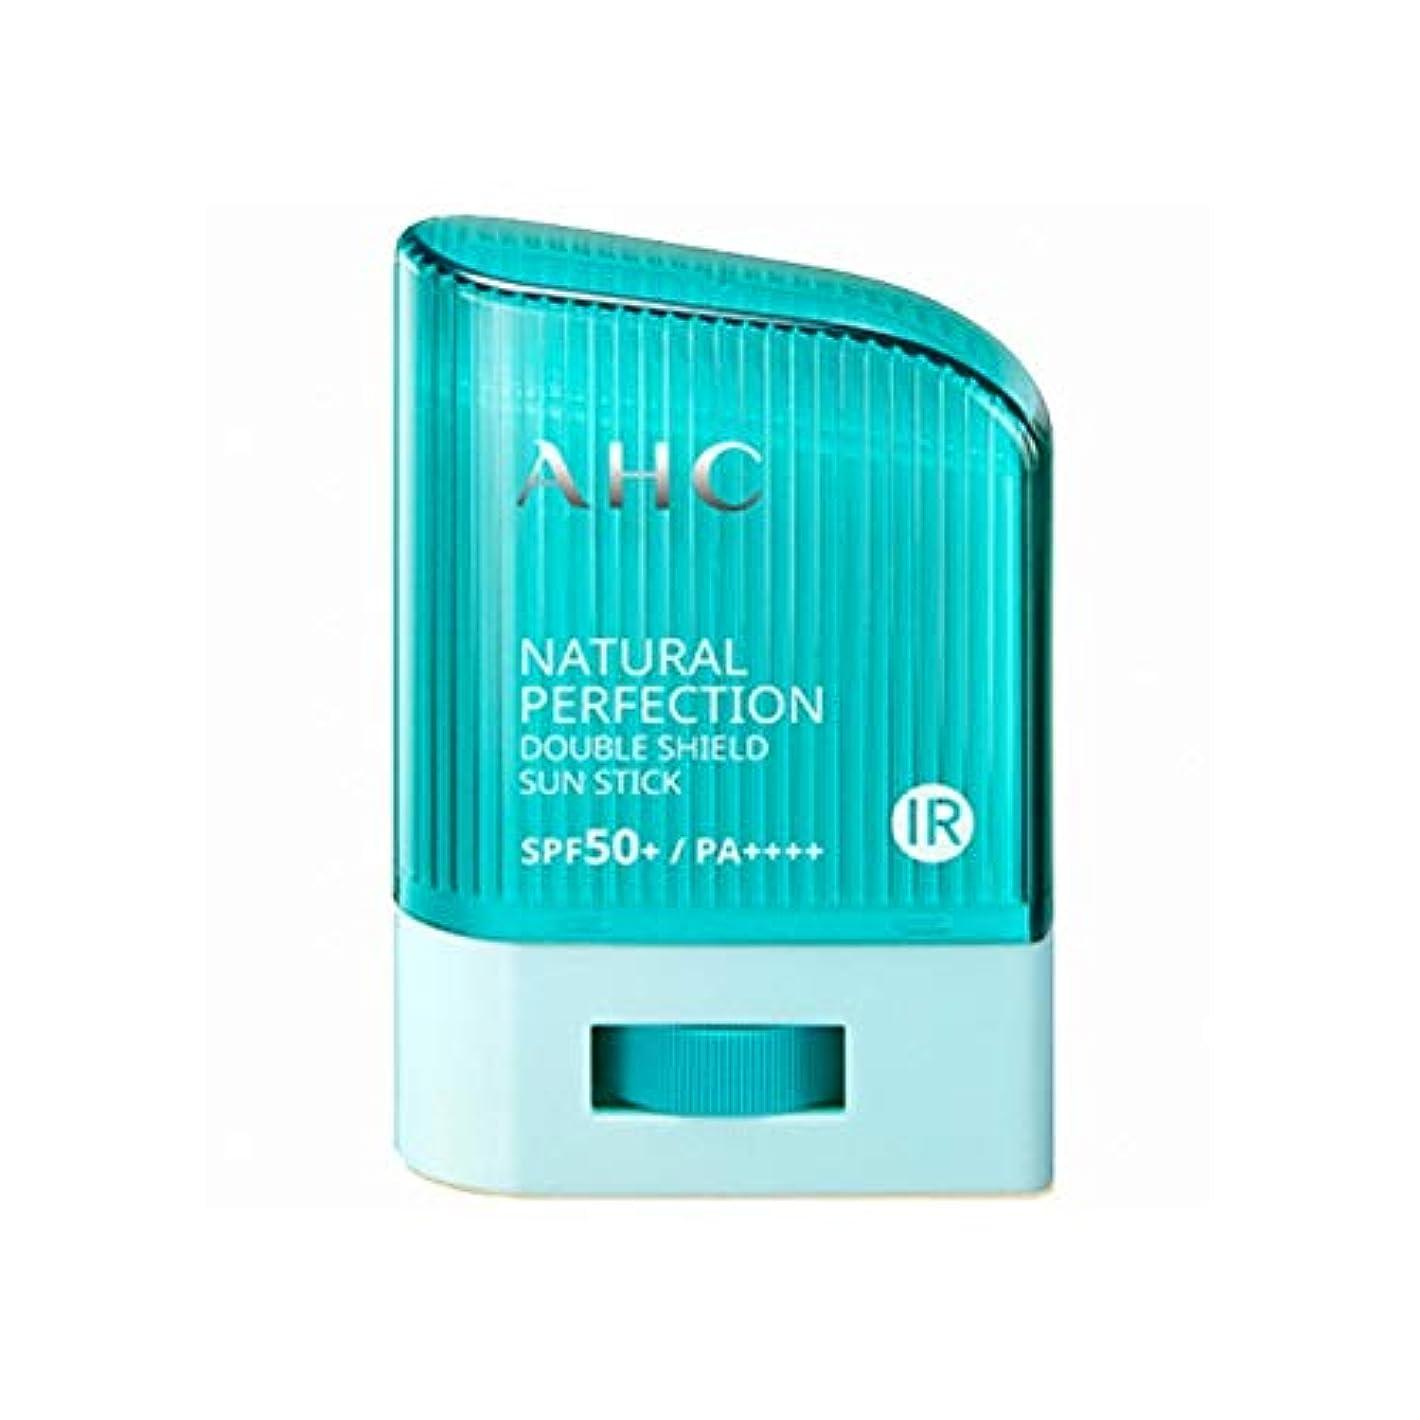 塩辛い首オリエントAHC ナチュラルパーフェクションダブルシールドサンスティック 14g, Natural Perfection Double Shield Sun Stick SPF50+ PA++++ A.H.C